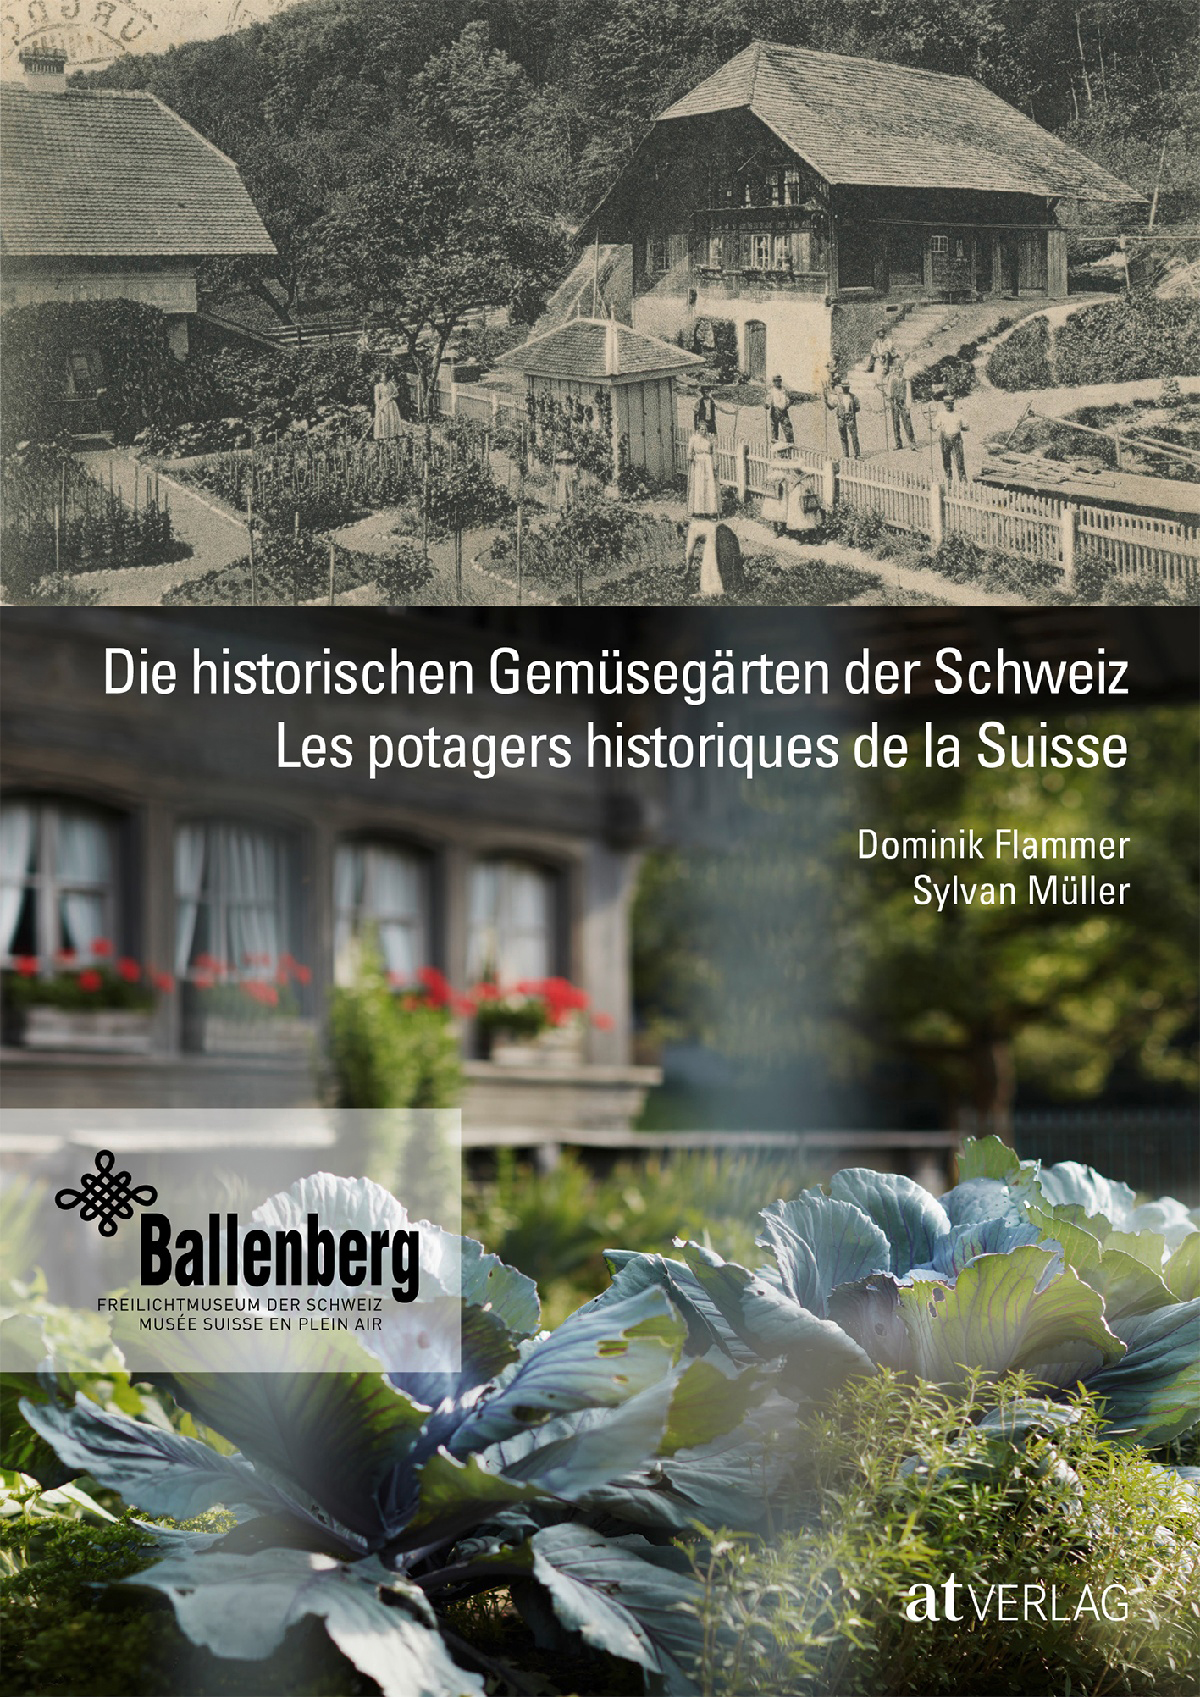 Die historischen Gemüsegärten der Schweiz. Von den Rüben der Walser, den Pastinaken der Taglöhner und den Artischocken der Hugenotten